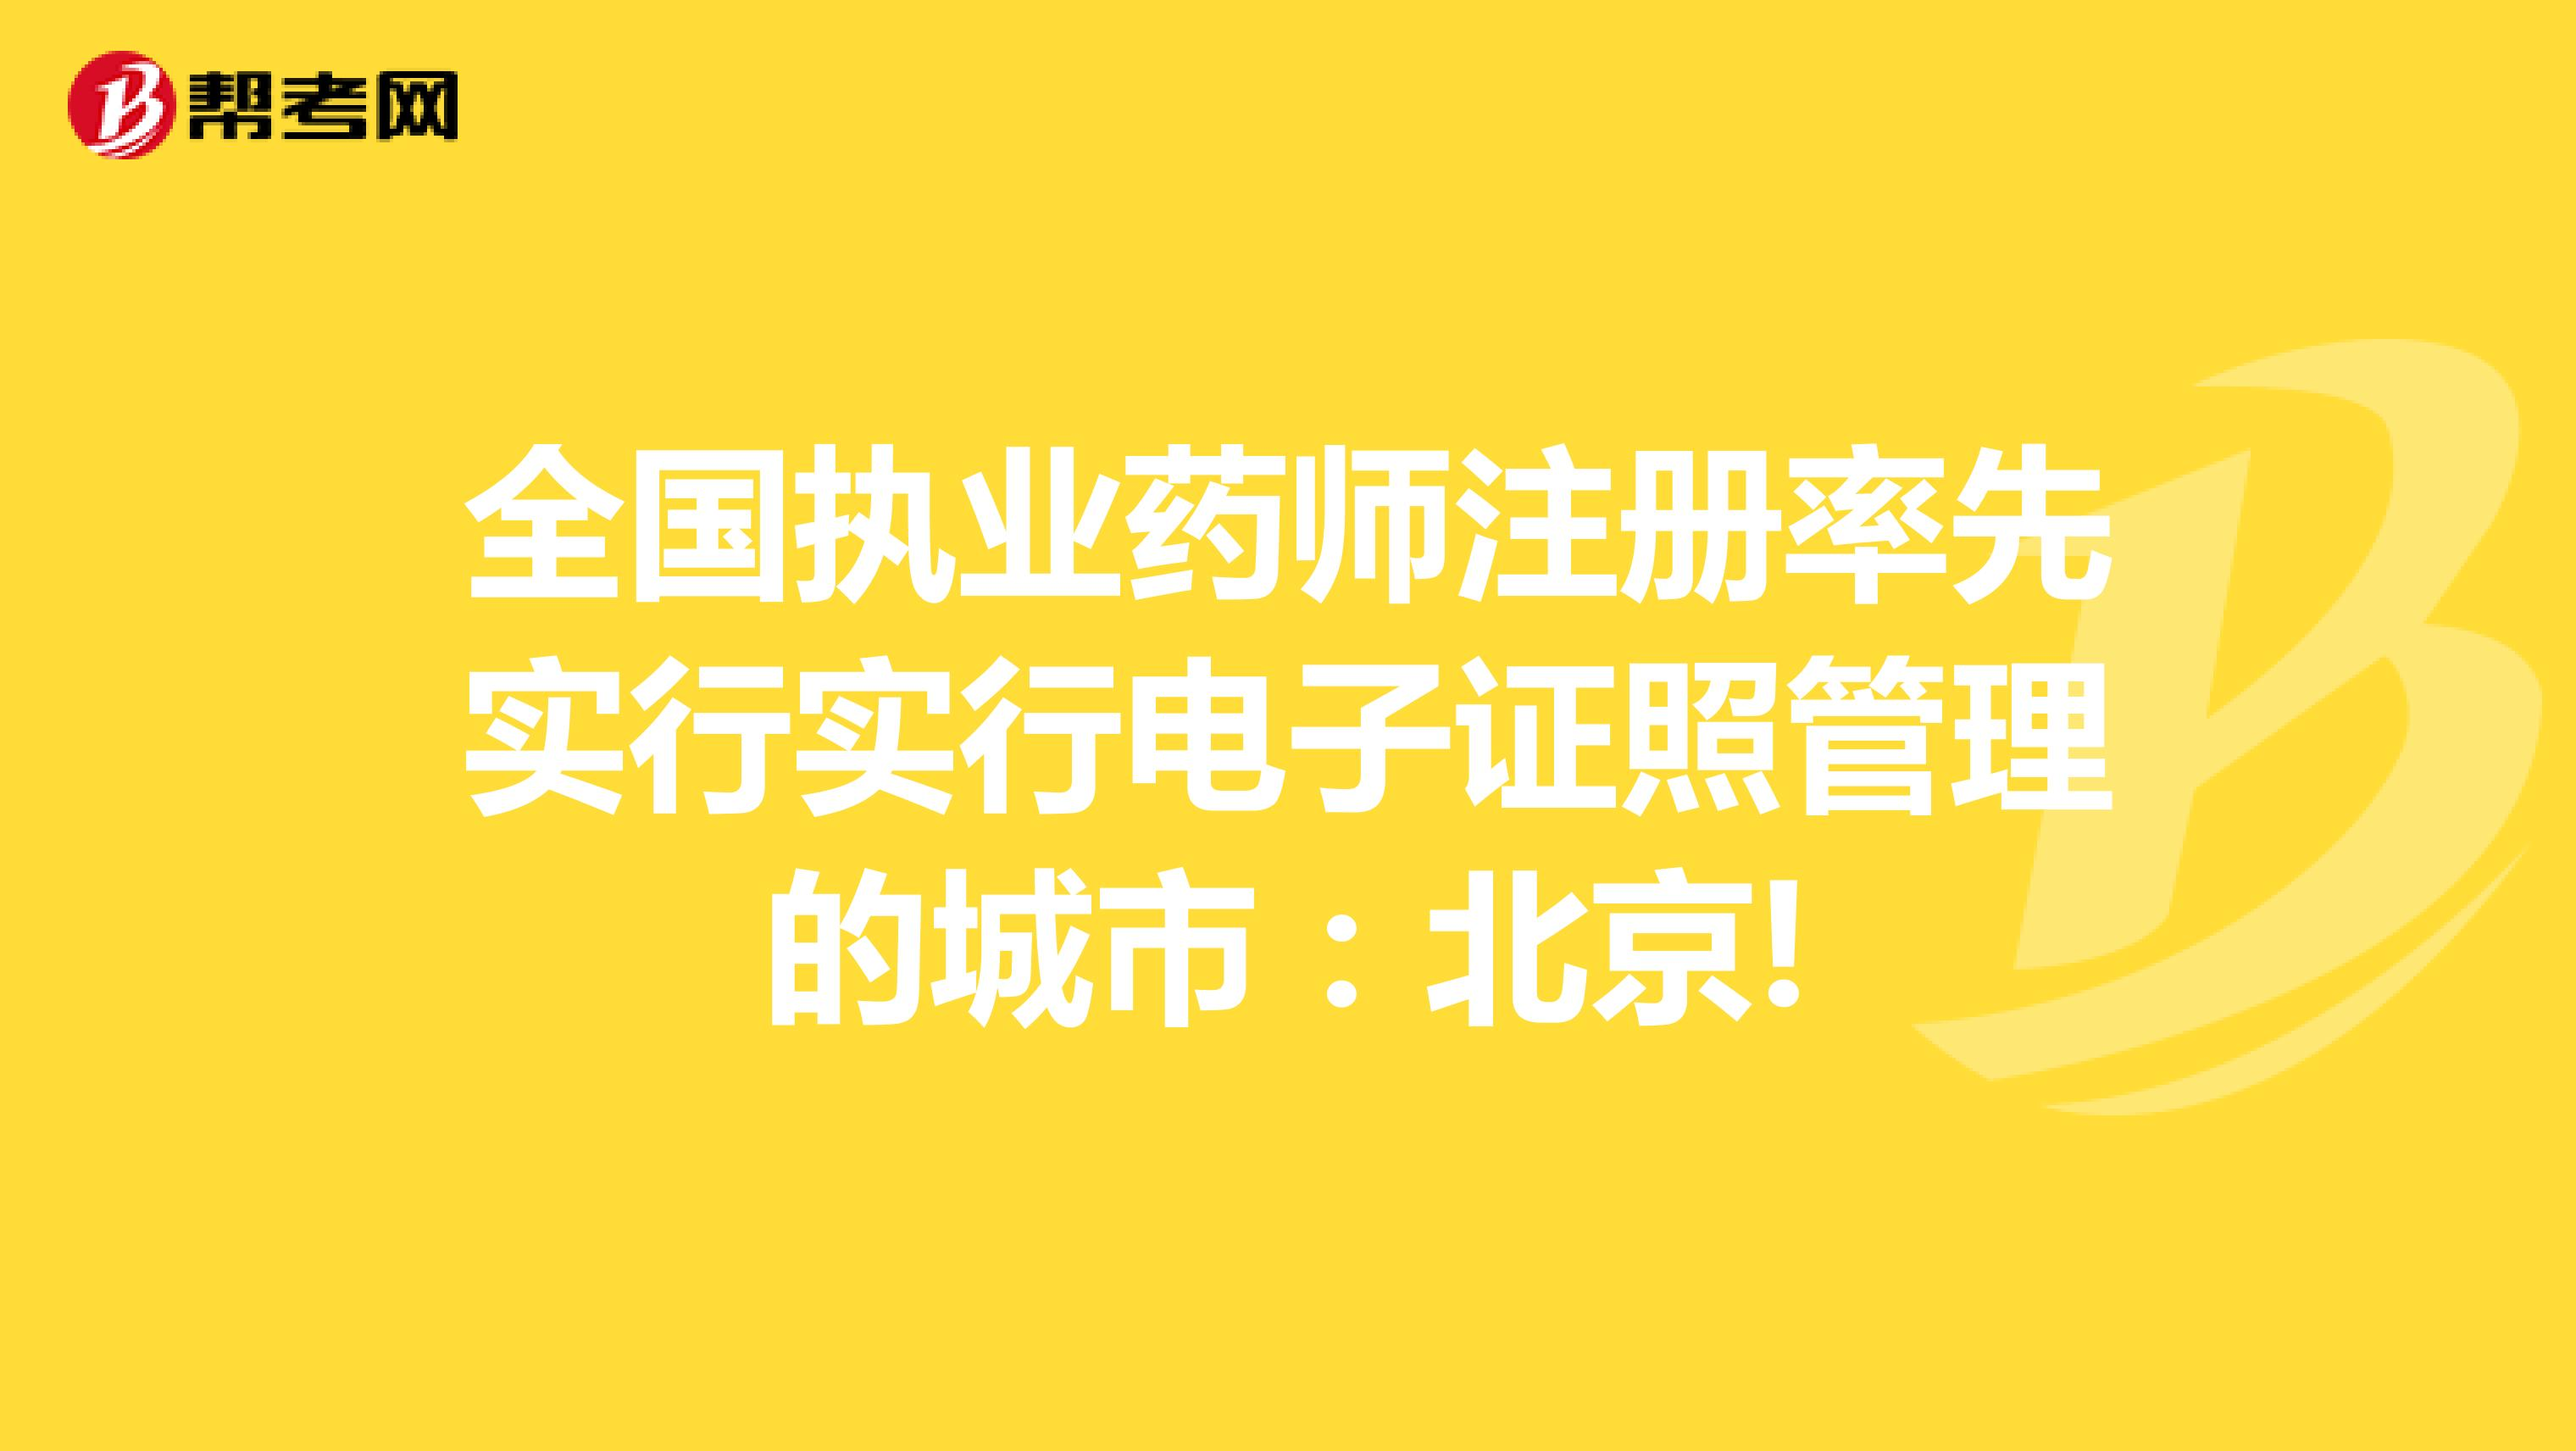 全国执业药师注册率先实行实行电子证照管理的城市:北京!